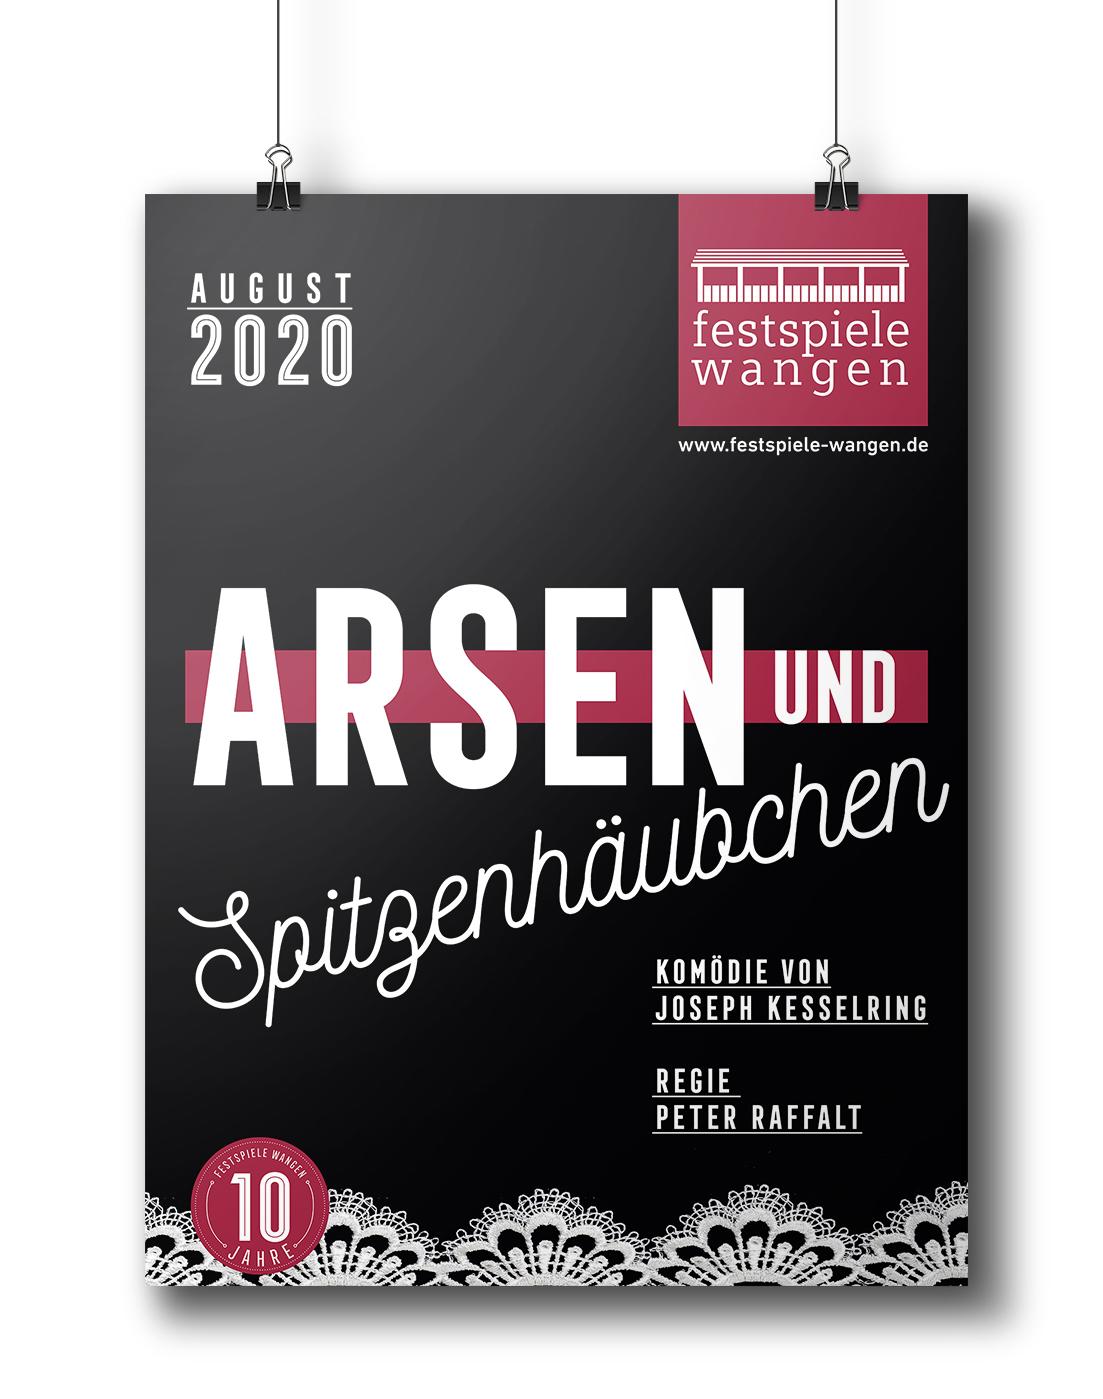 Arsen&Spitzenhäubchen_festspiele2020